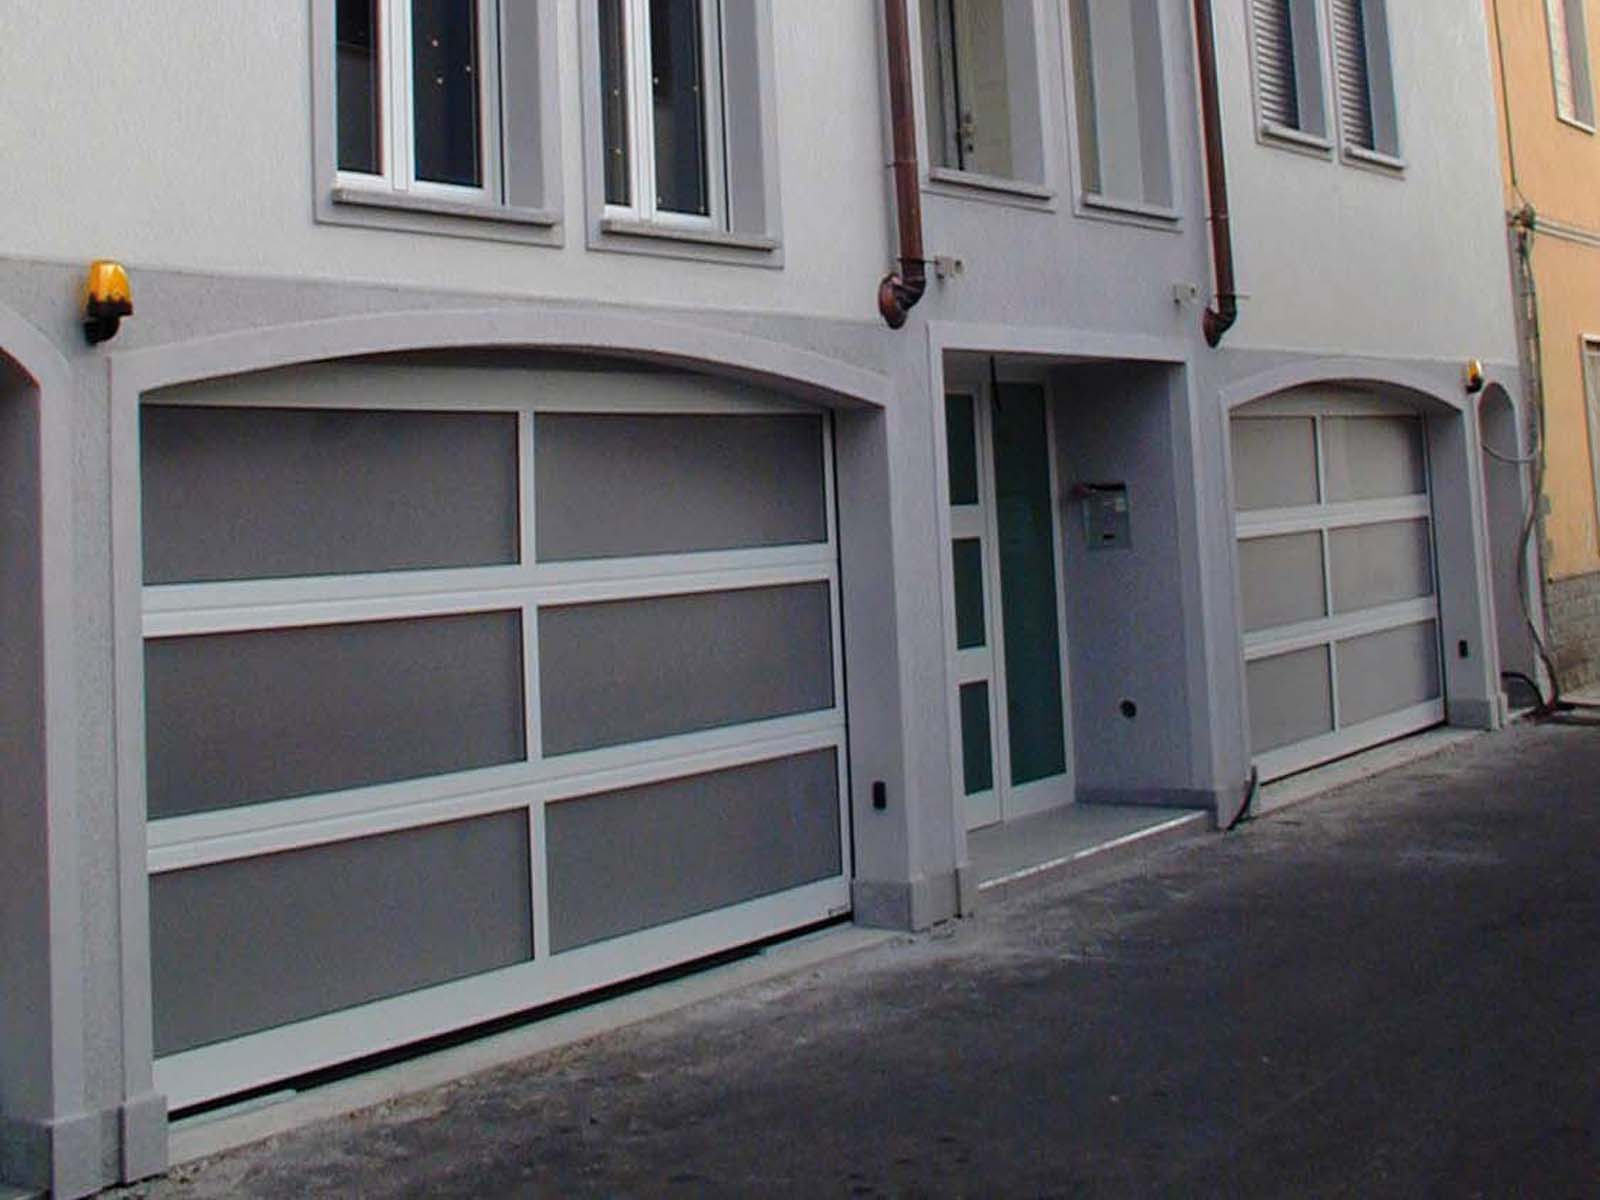 Portone sezionale vetrato LUX - Ossidato naturale con griglia di ventilazione